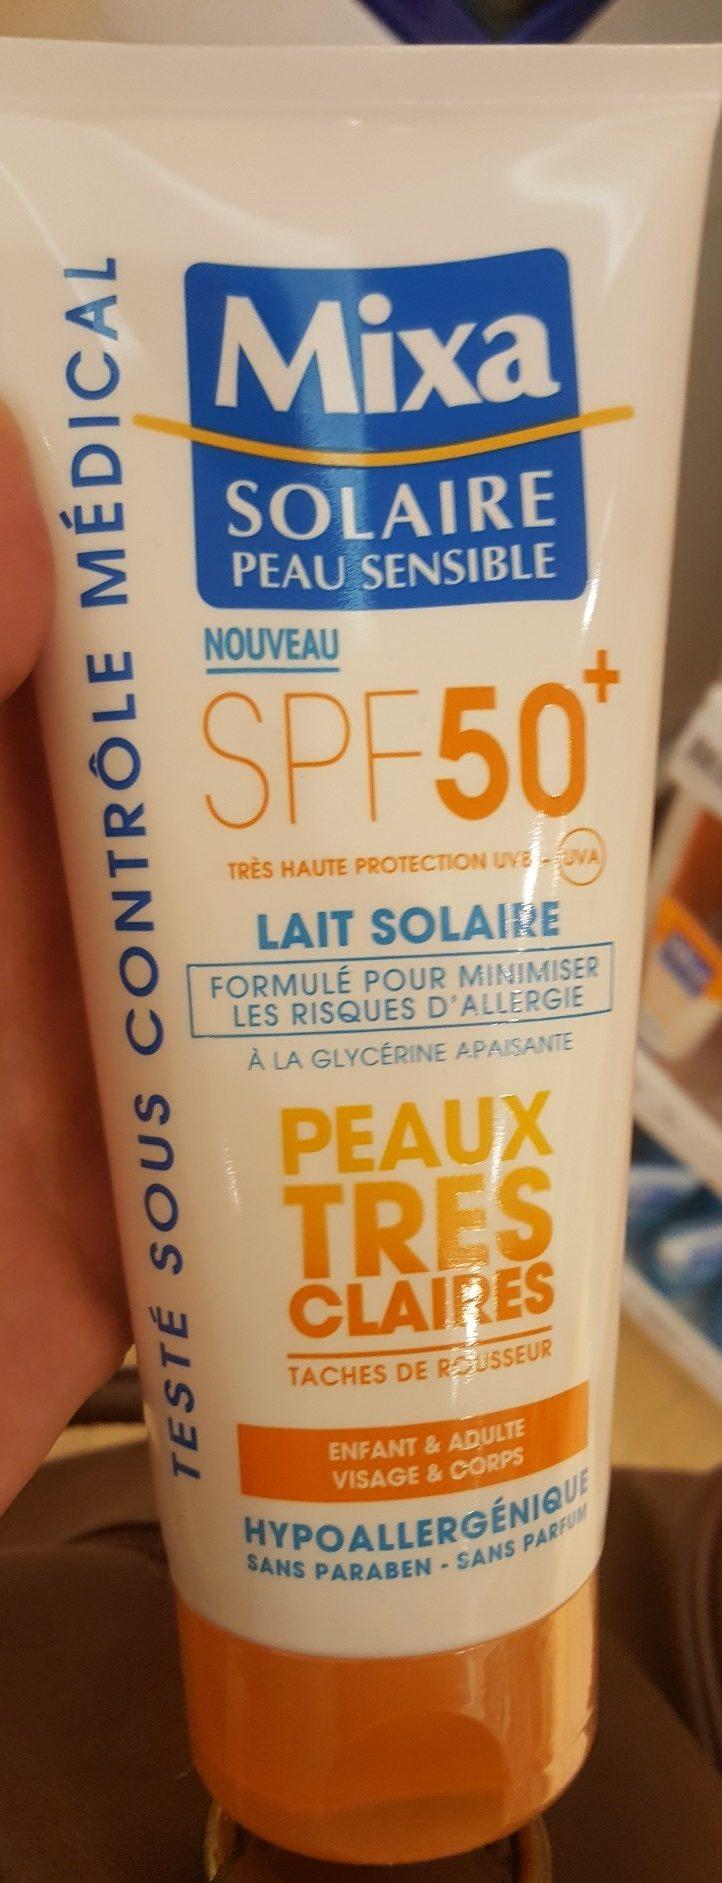 Lait Solaire SPF 50+ Peaux très claires - Product - fr